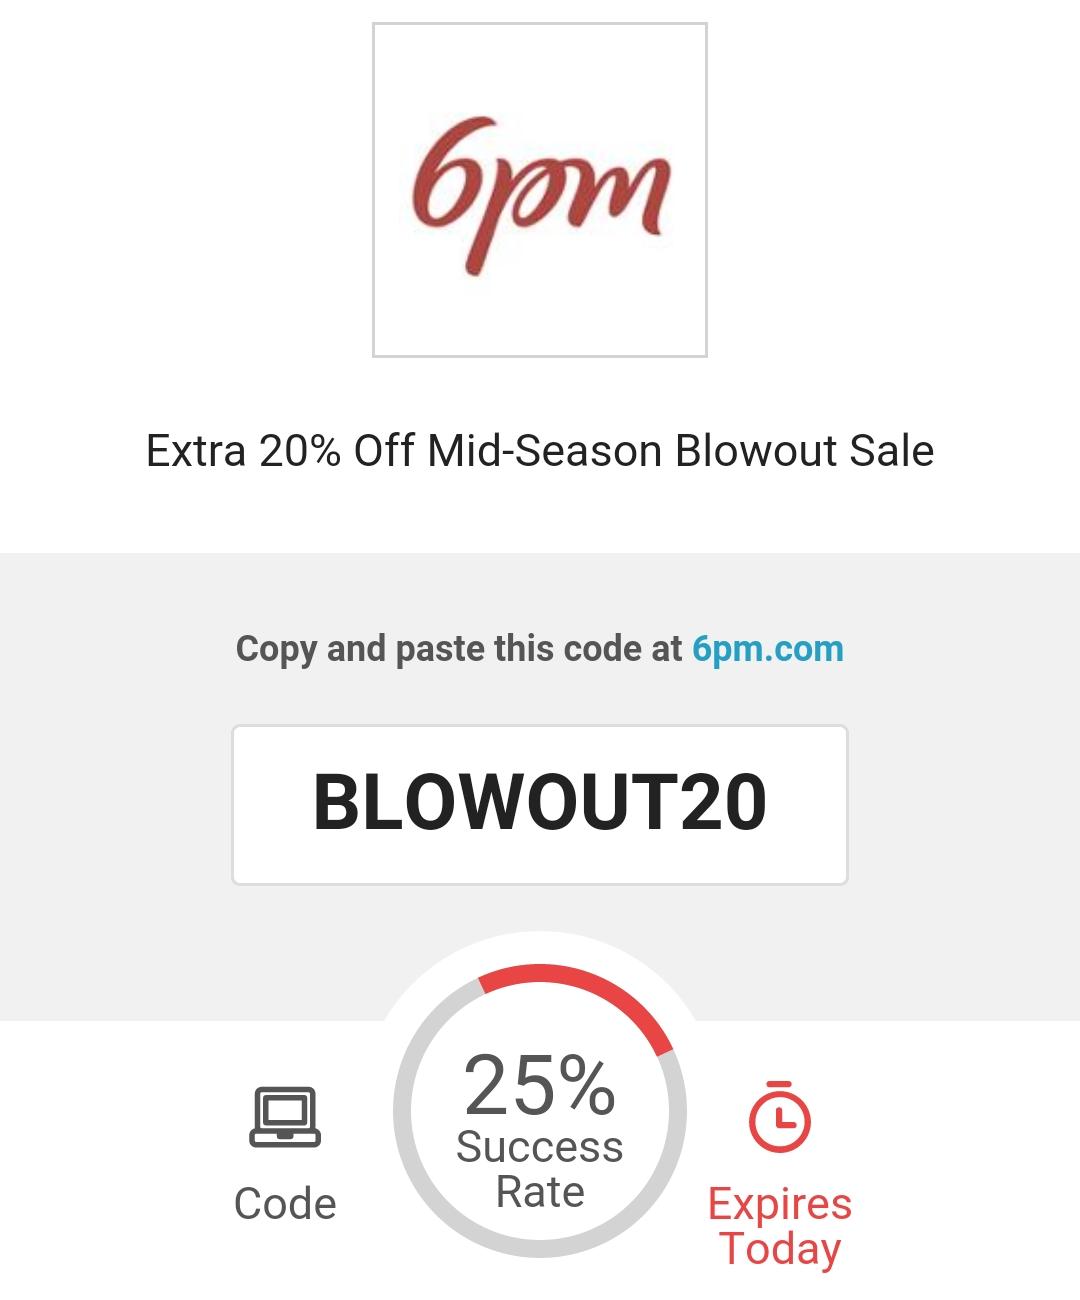 Six 6pm coupon code